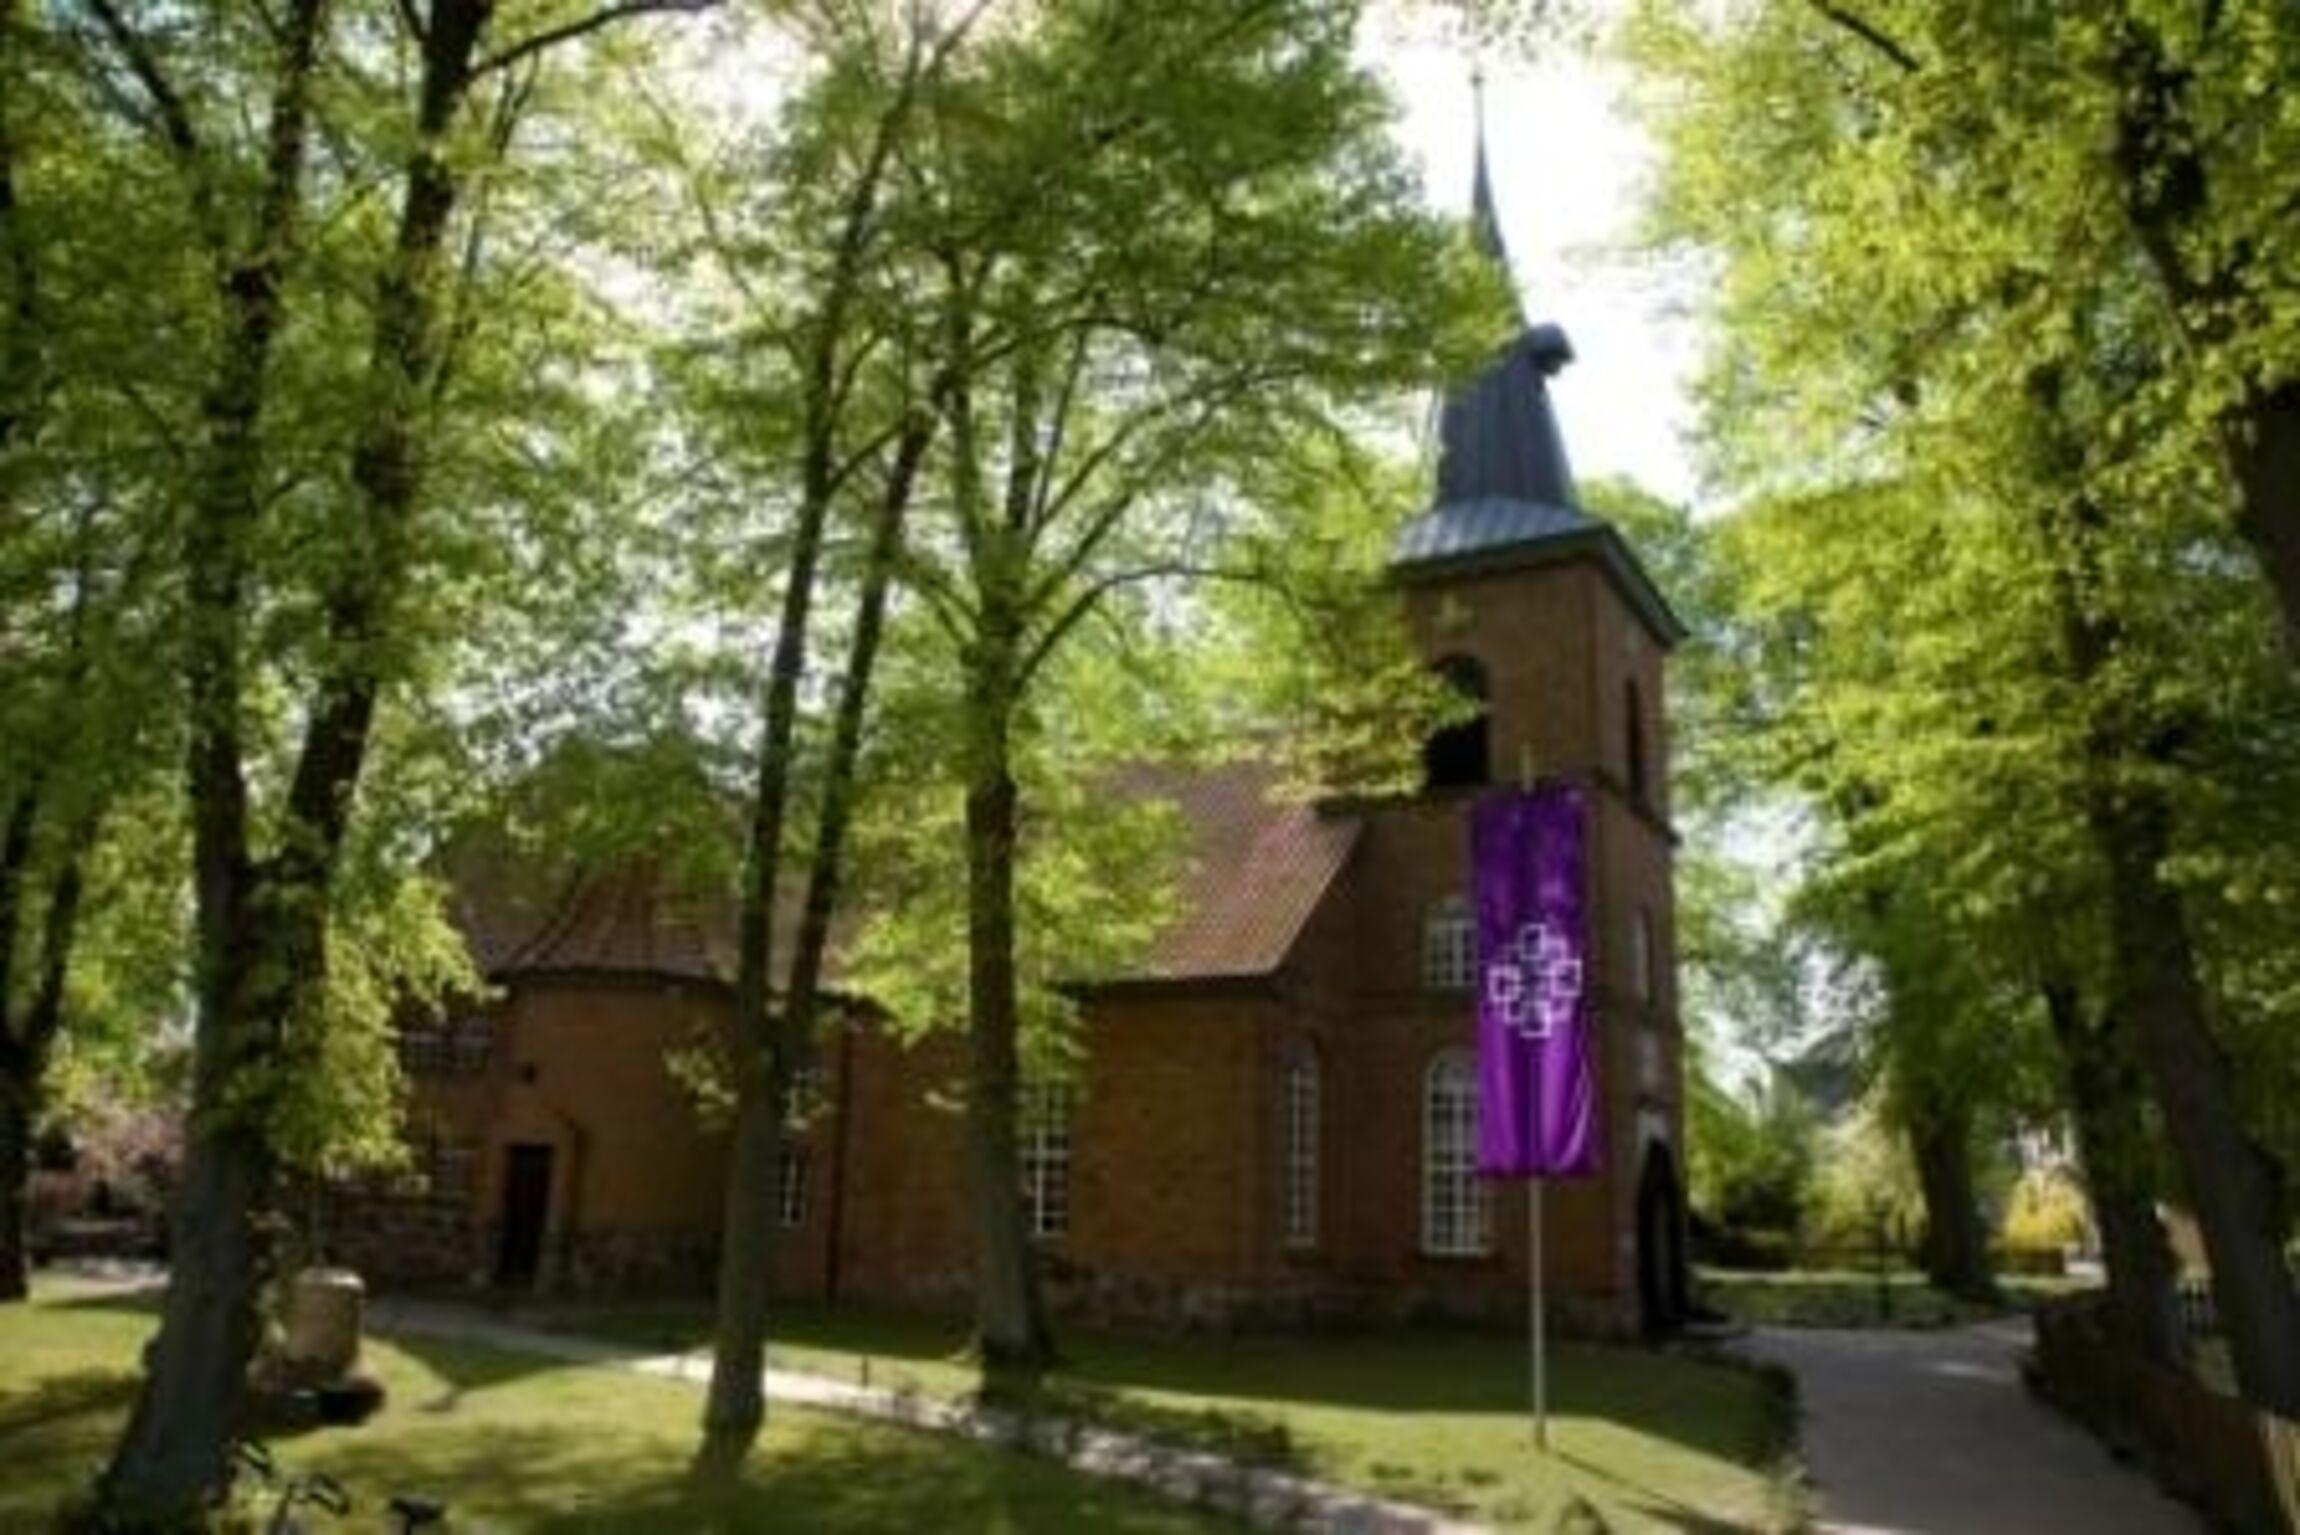 St. Katharinen Knesebeck